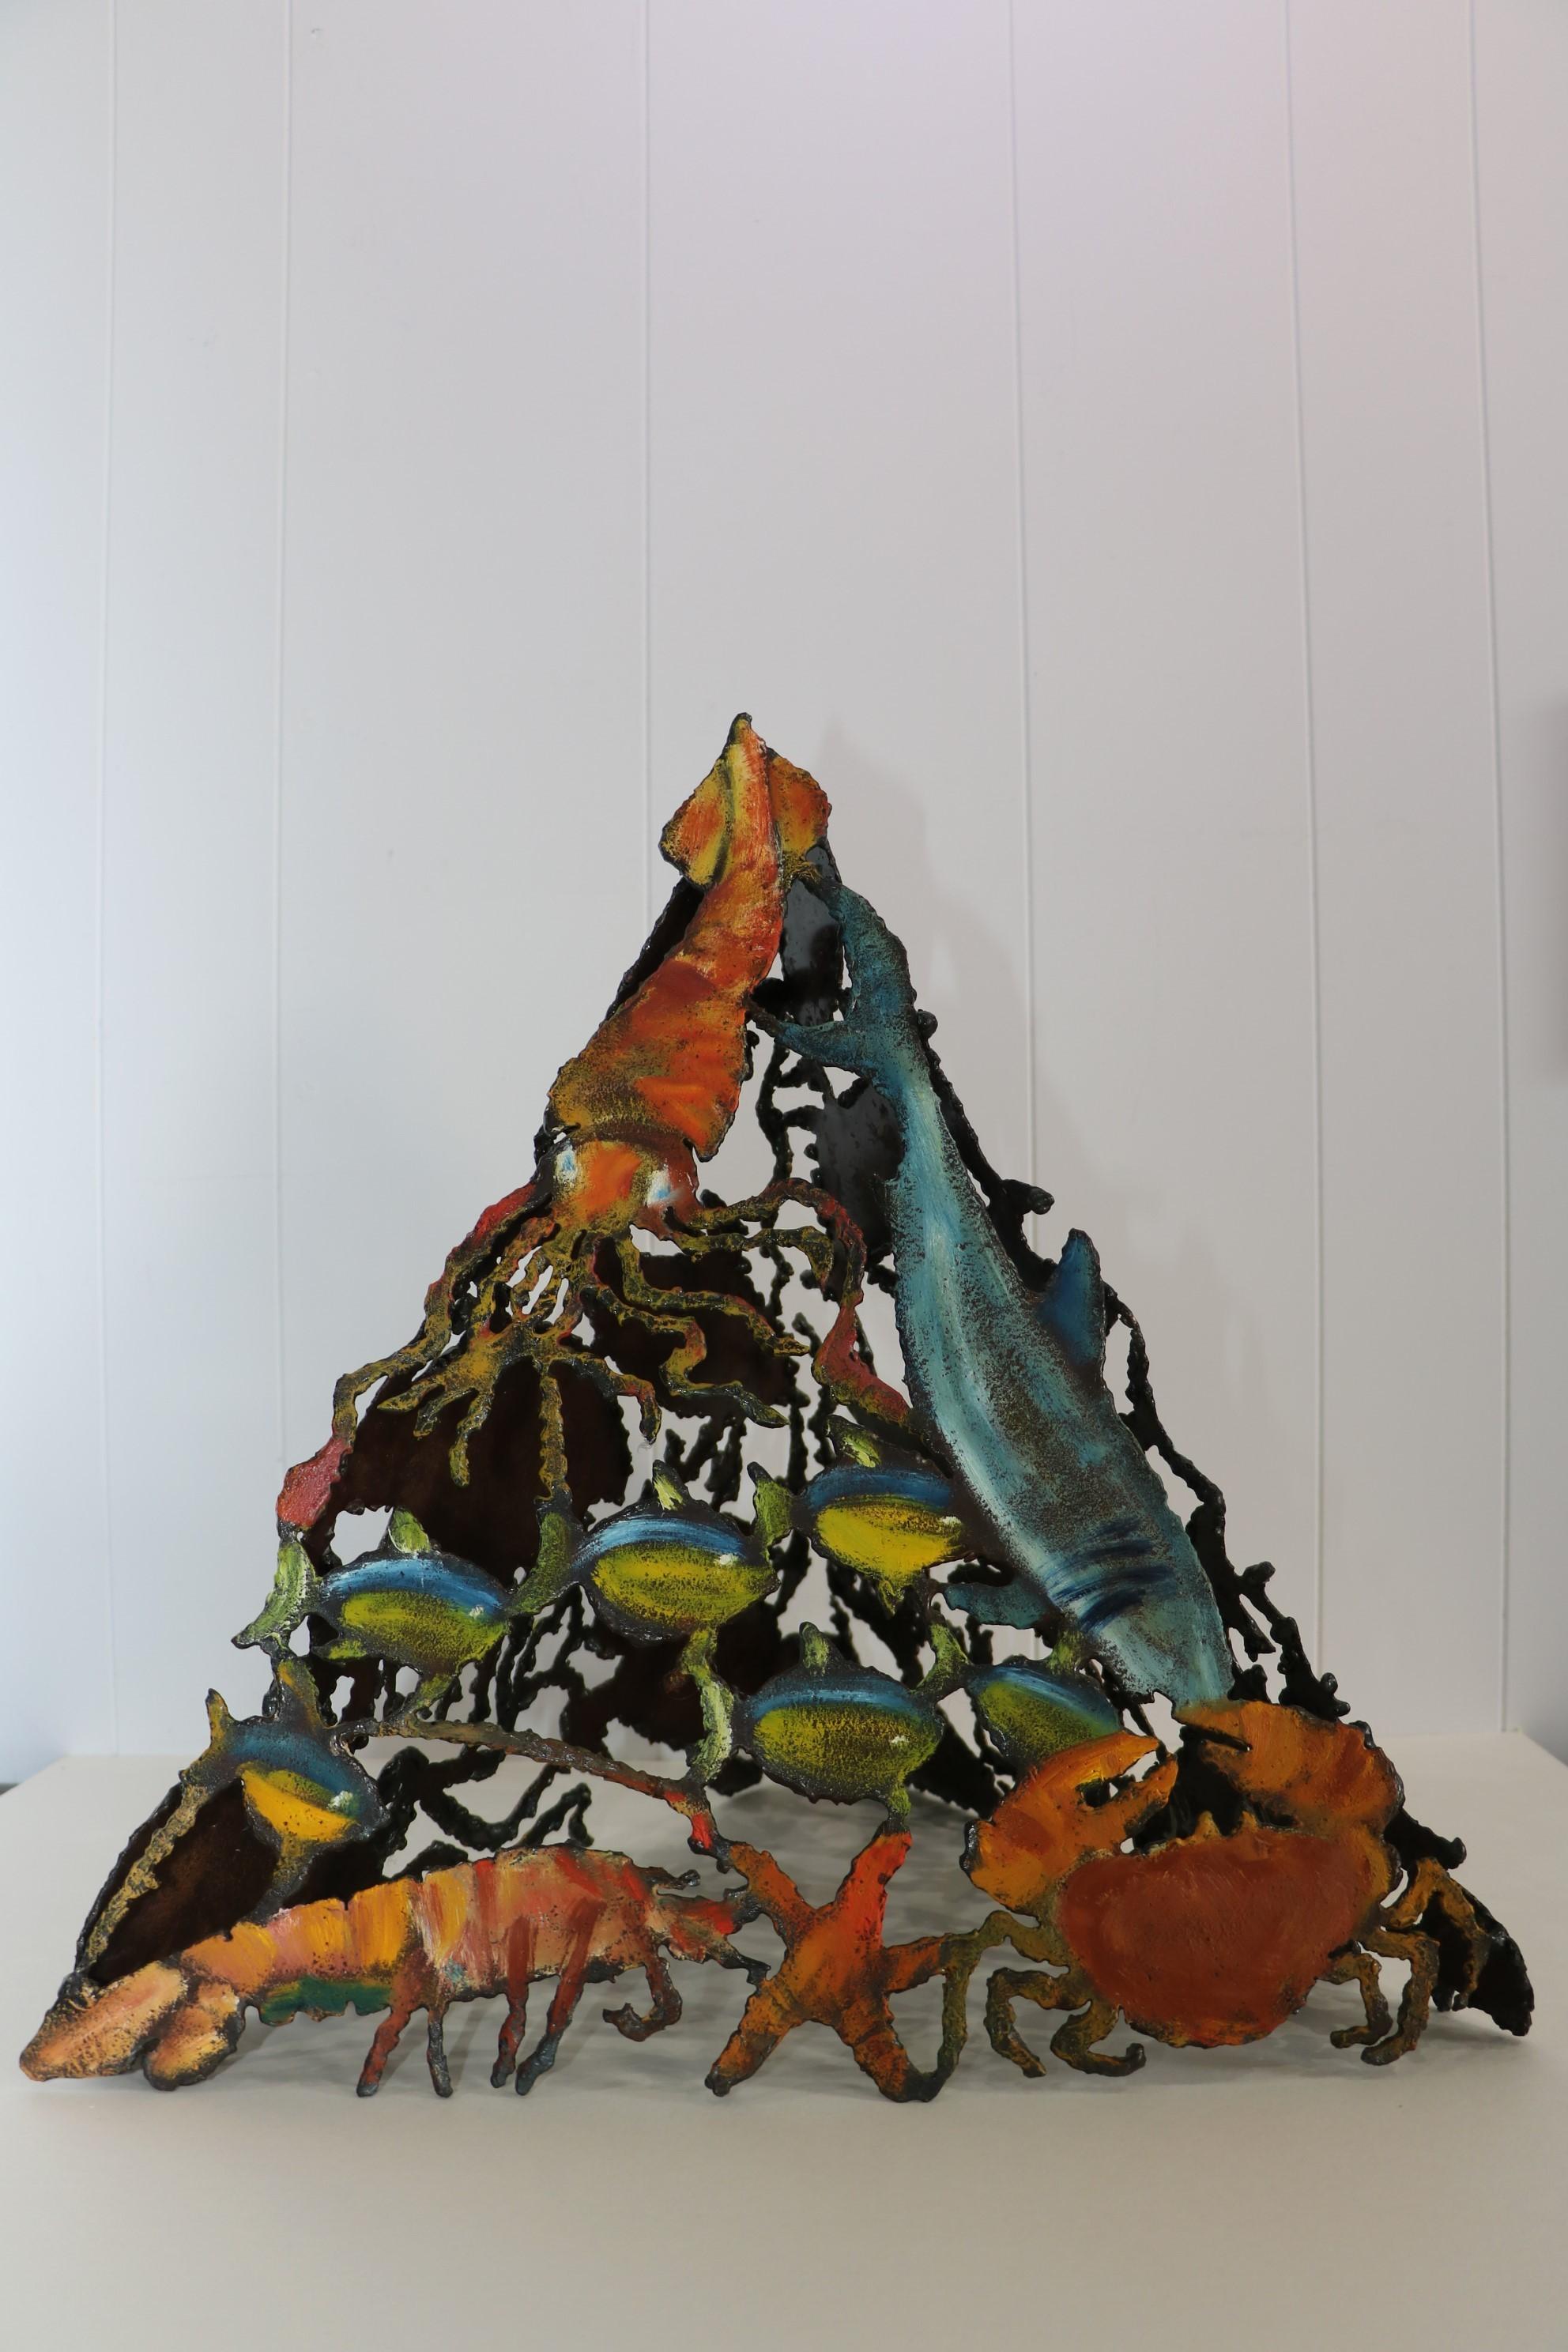 Pyramide marine, face 1. Sculpture sur tôle. Dominique LABESSOULHE.